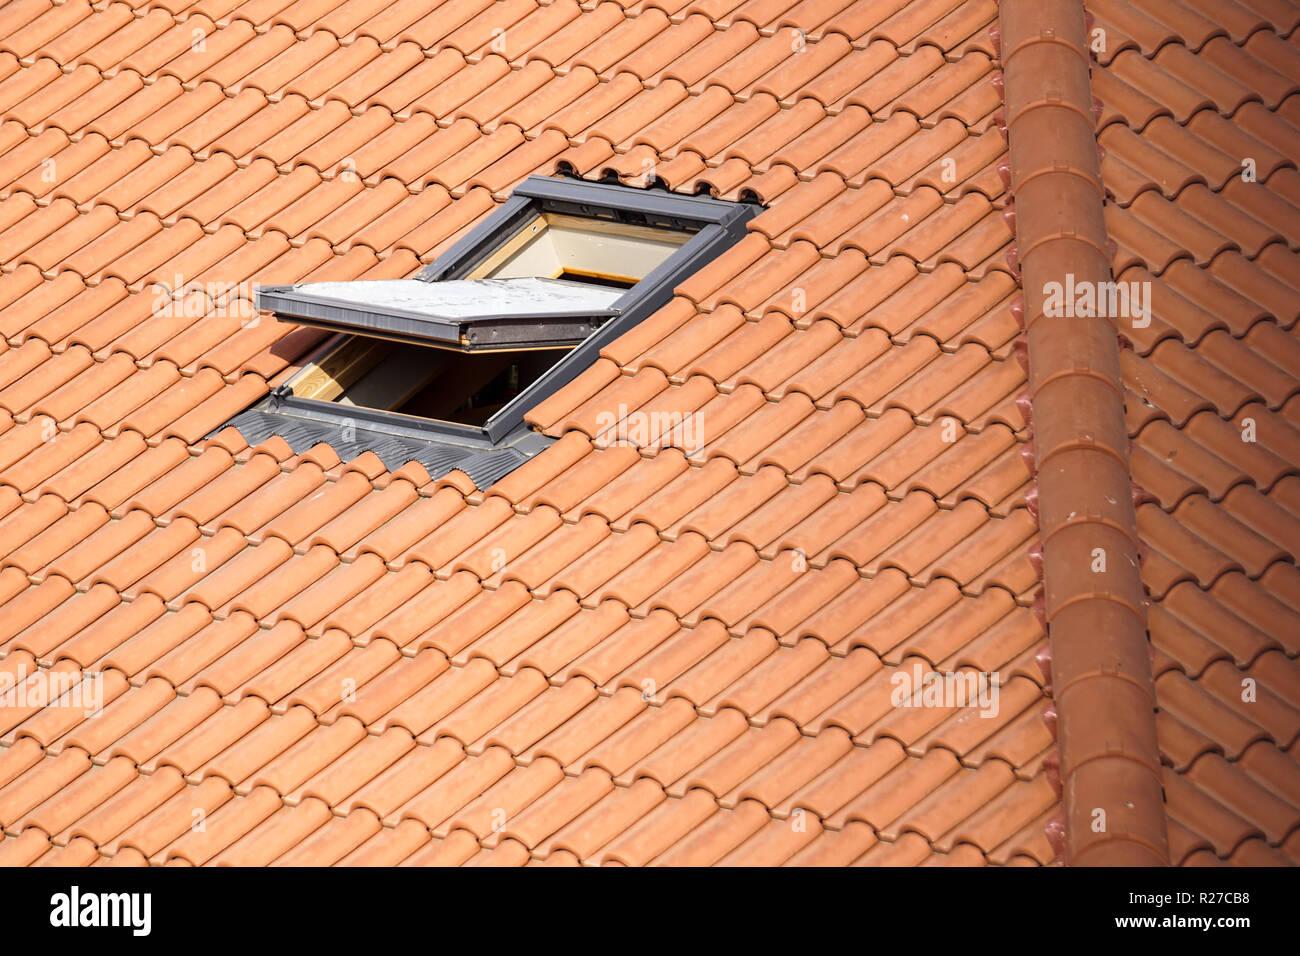 Fenêtre De Toit Velux Photos Fenêtre De Toit Velux Images Alamy